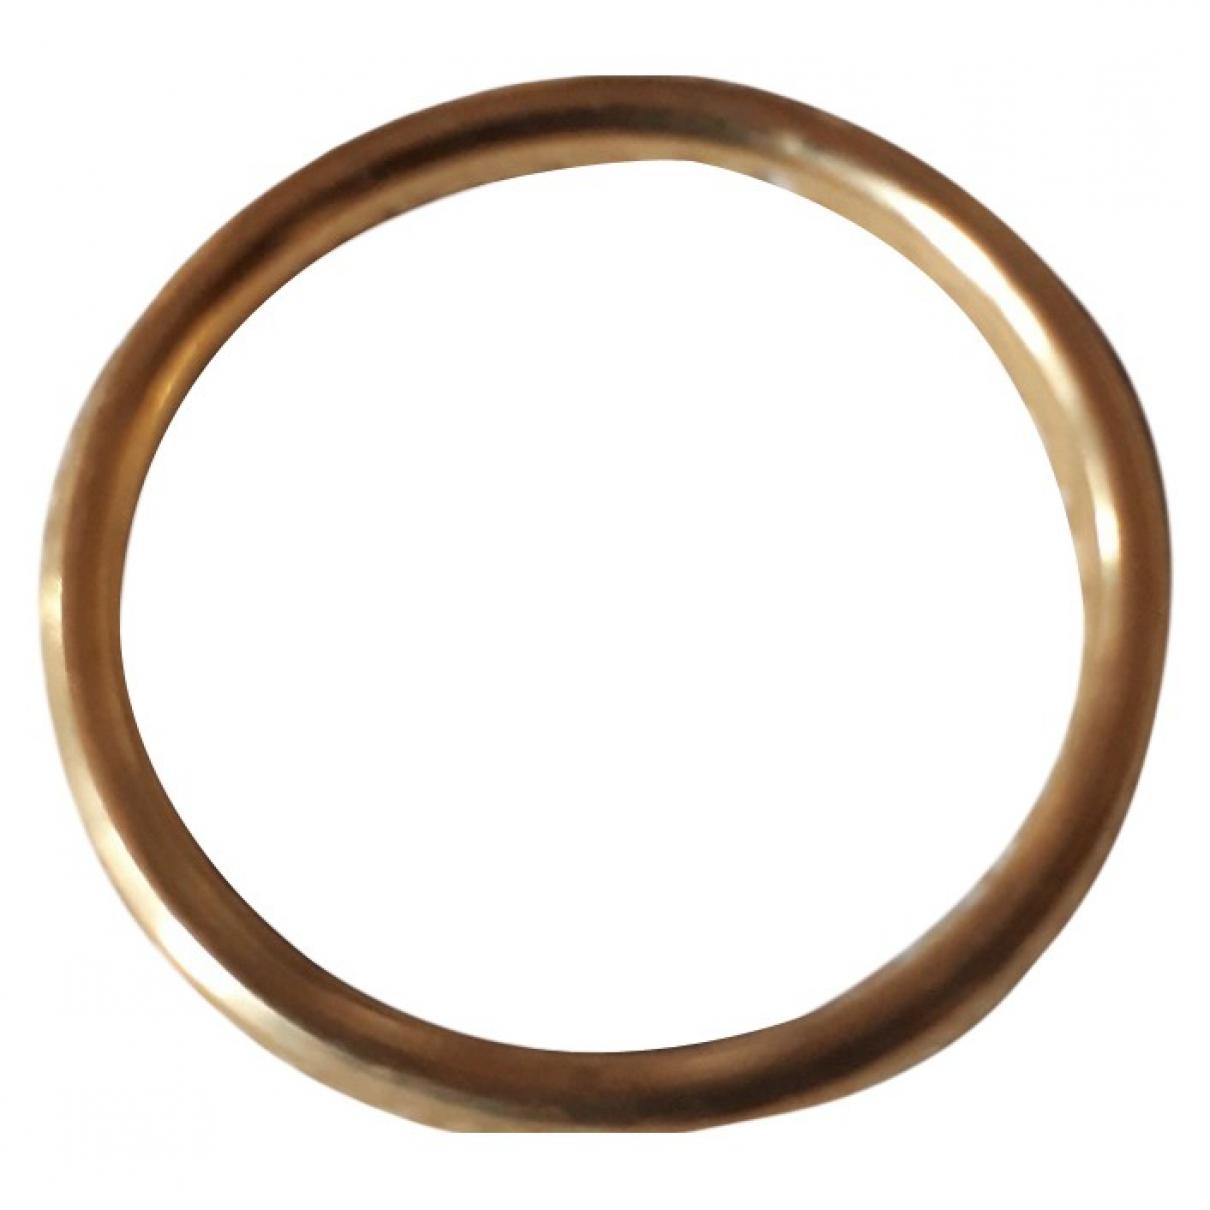 Pomellato - Bague Lucciole pour femme en or jaune - dore